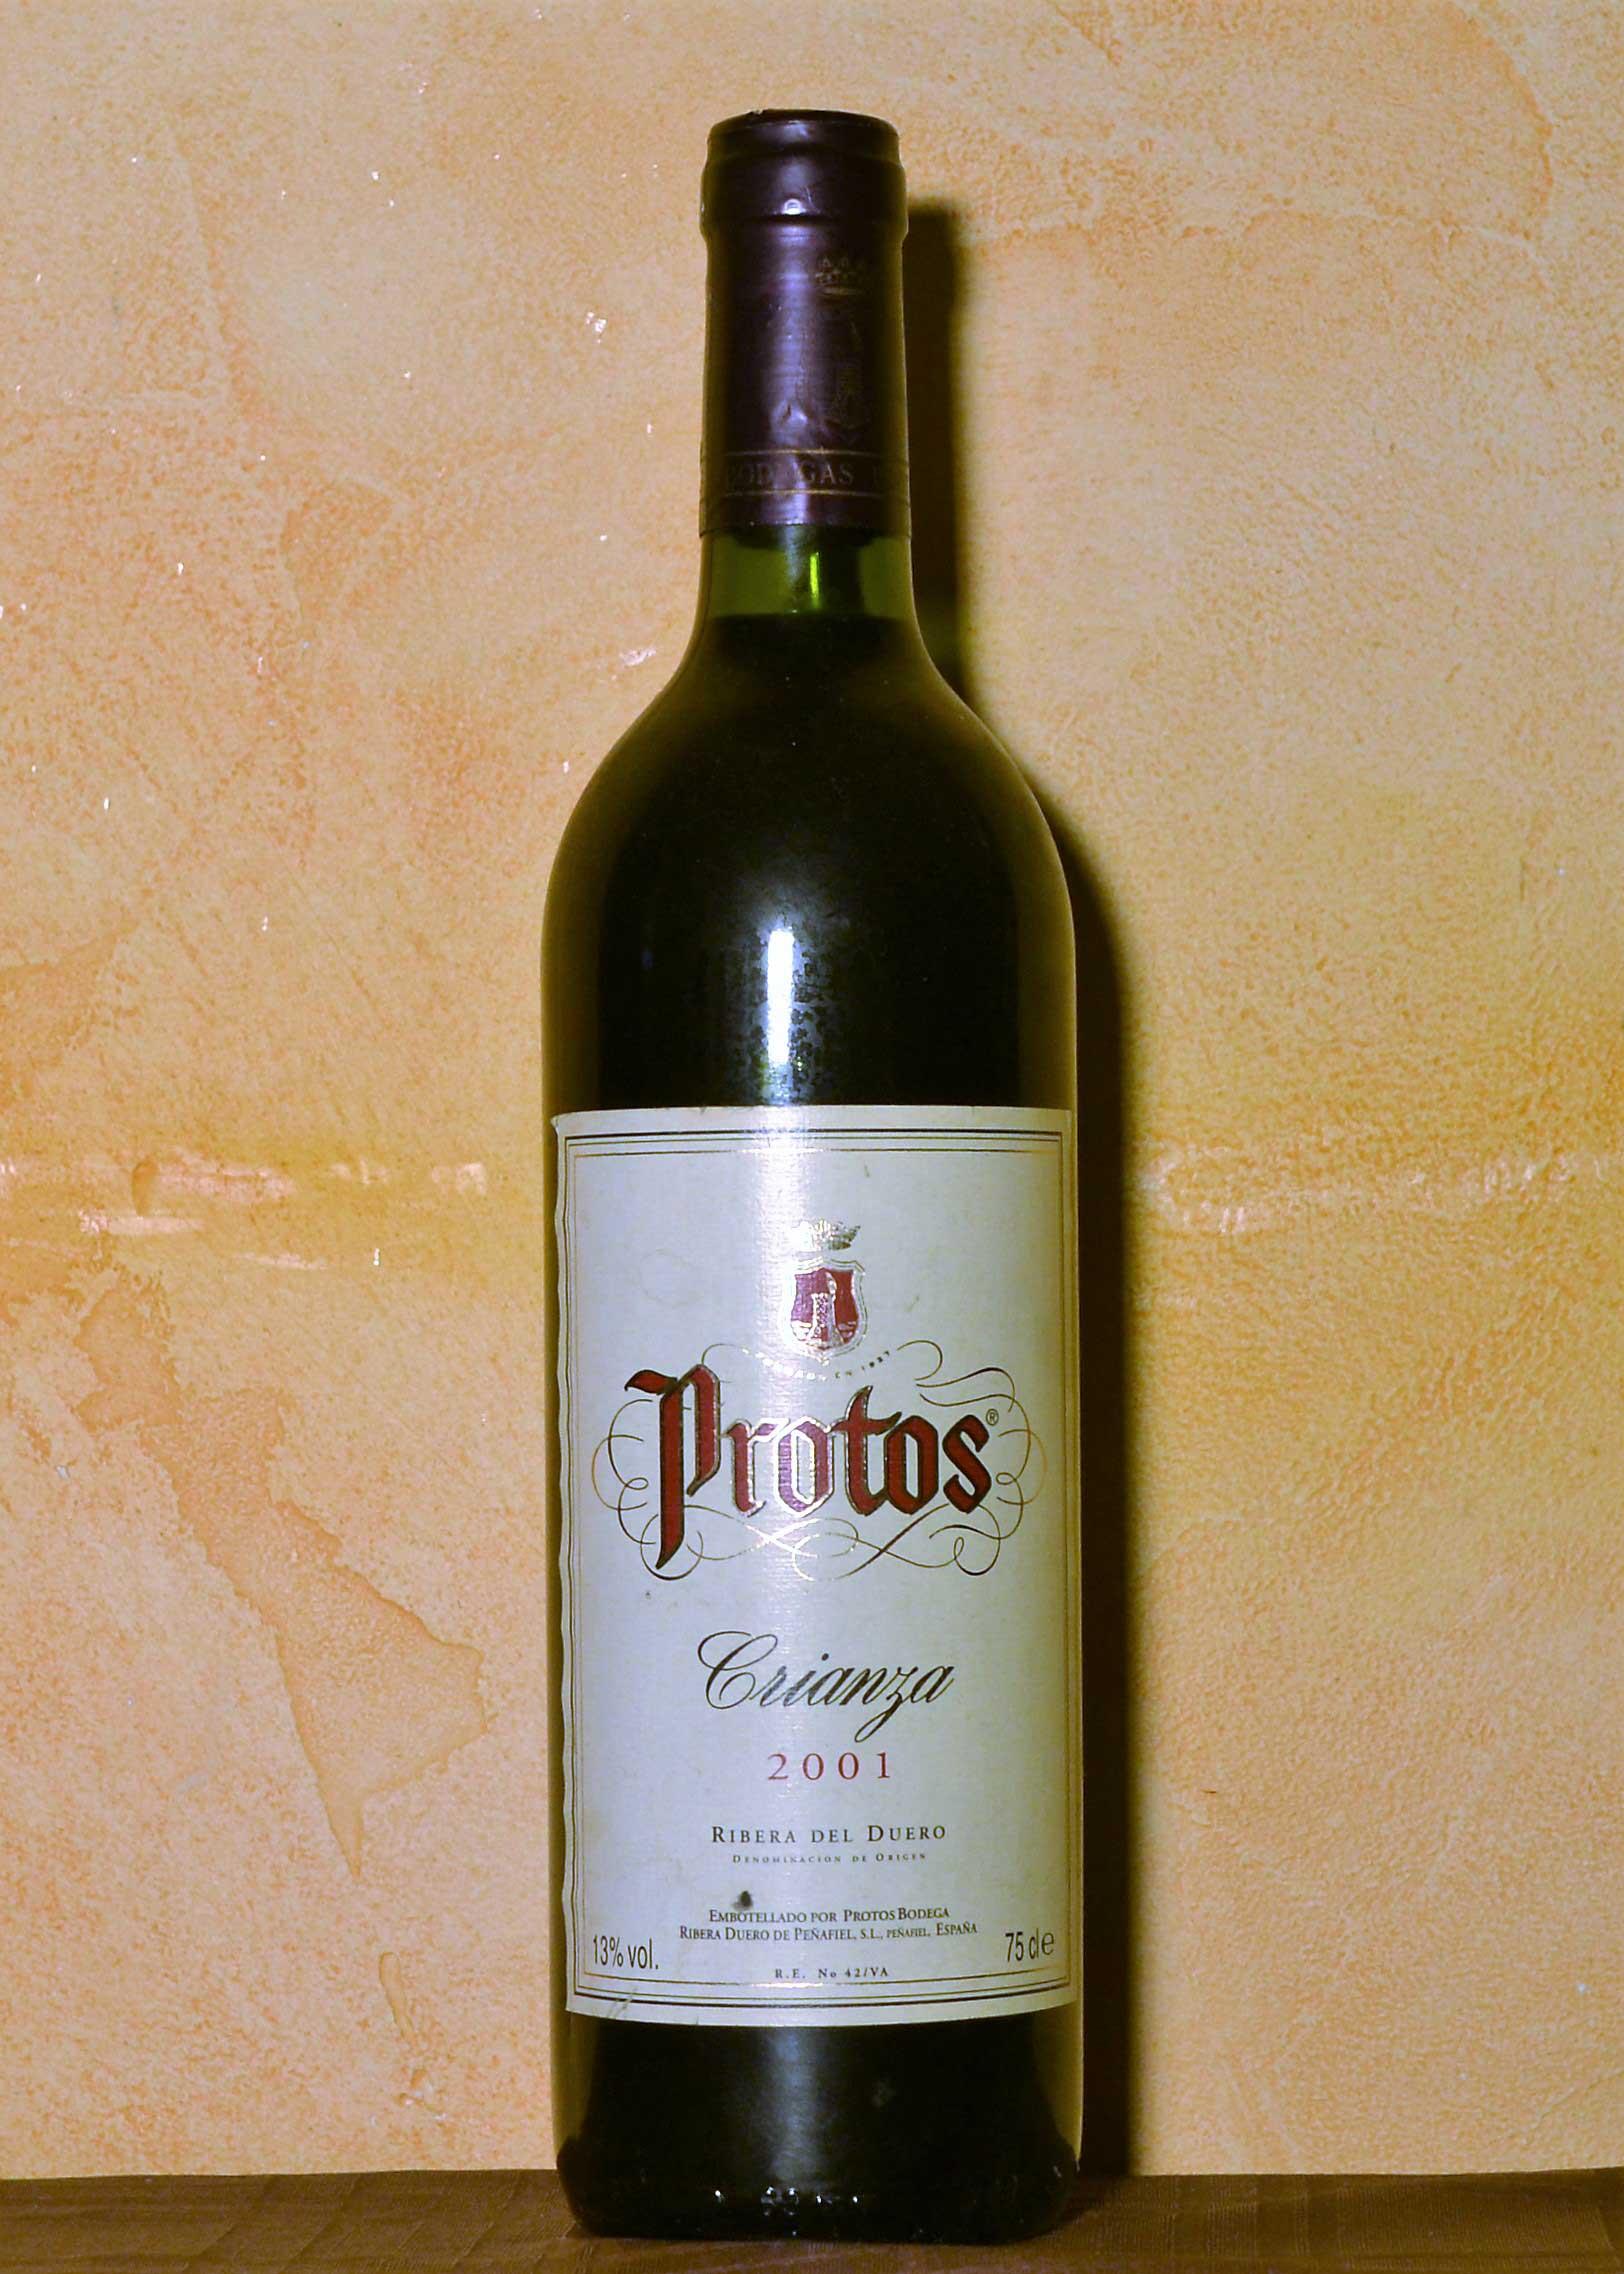 Protos Crianza 2001